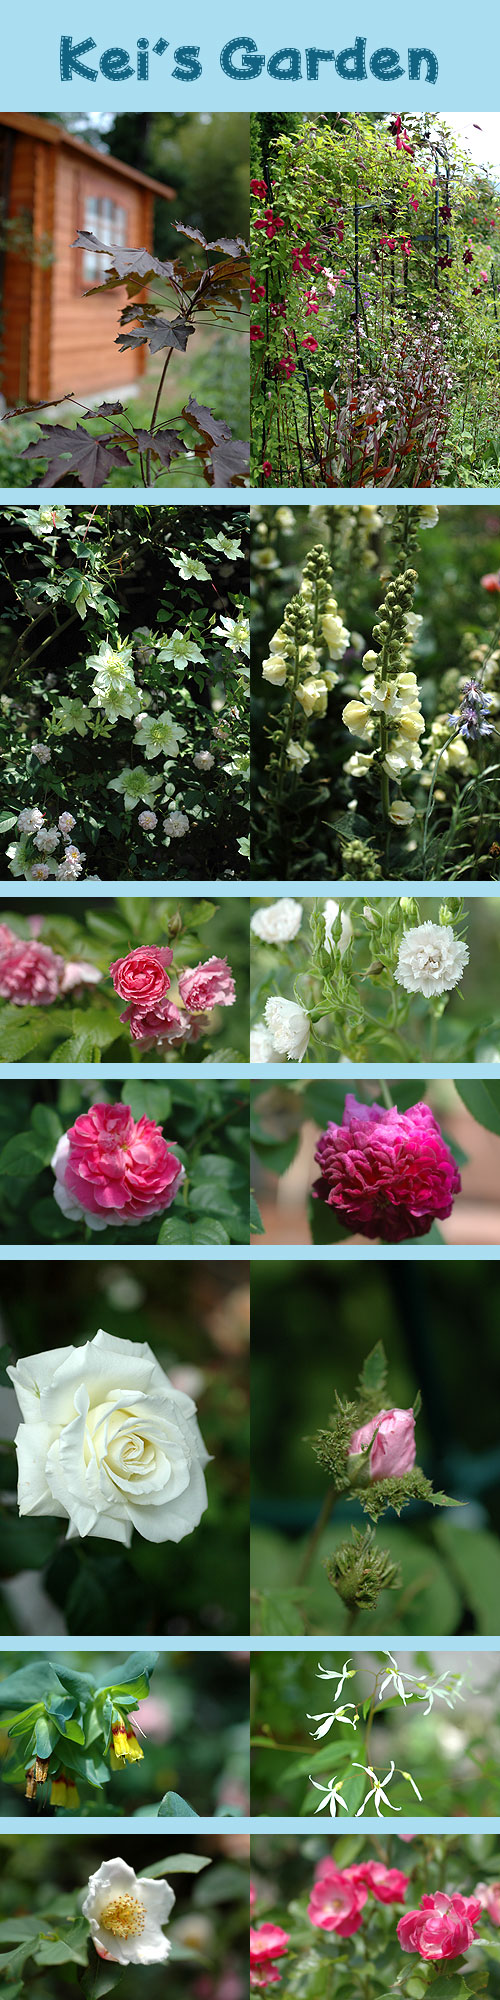 6月10日kei's garden2